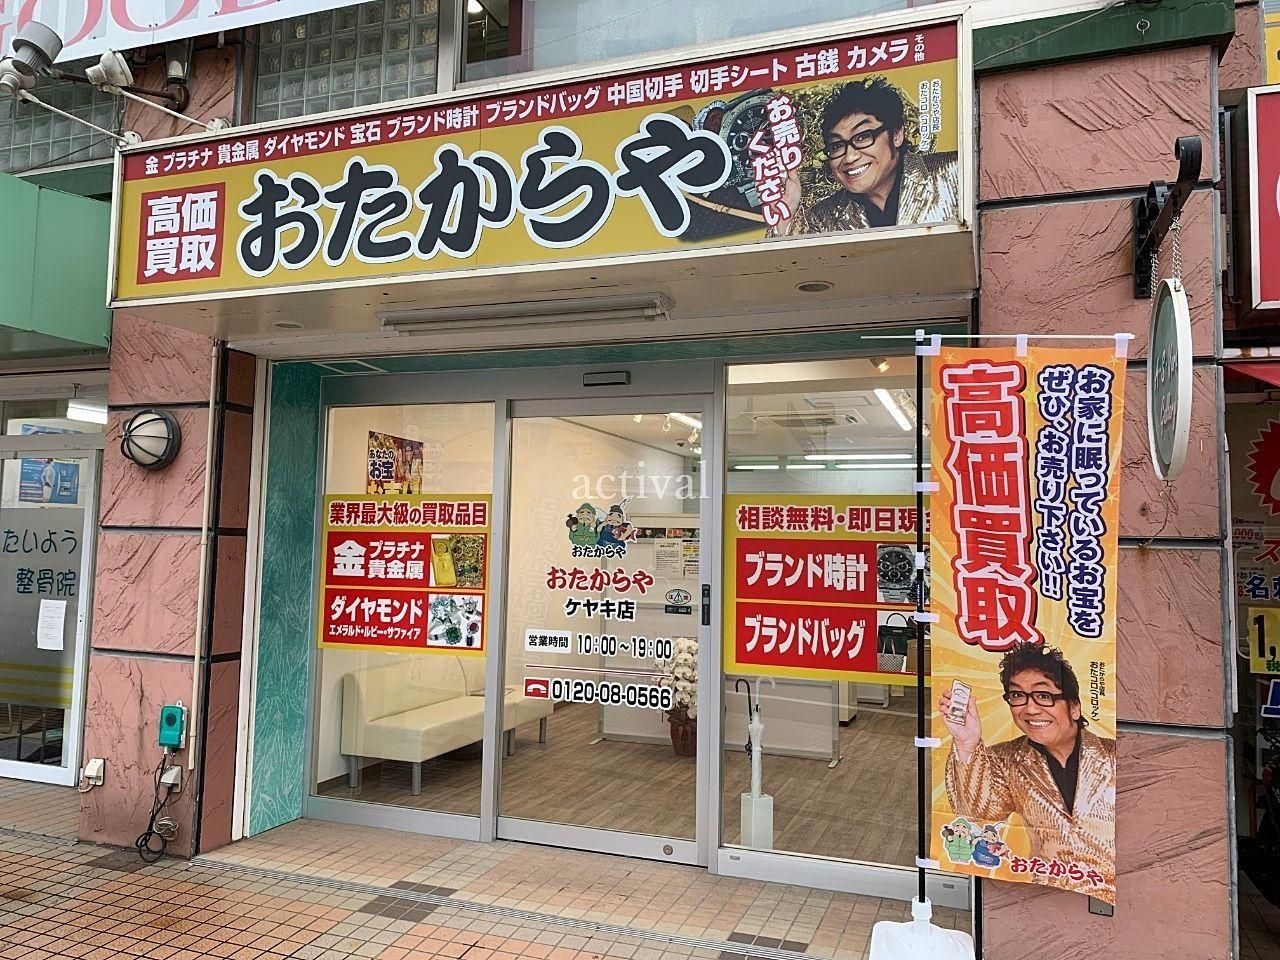 おたからや ケヤキ店さんが越谷市赤山町のア・ス・ヴェルデにオープンしました!!